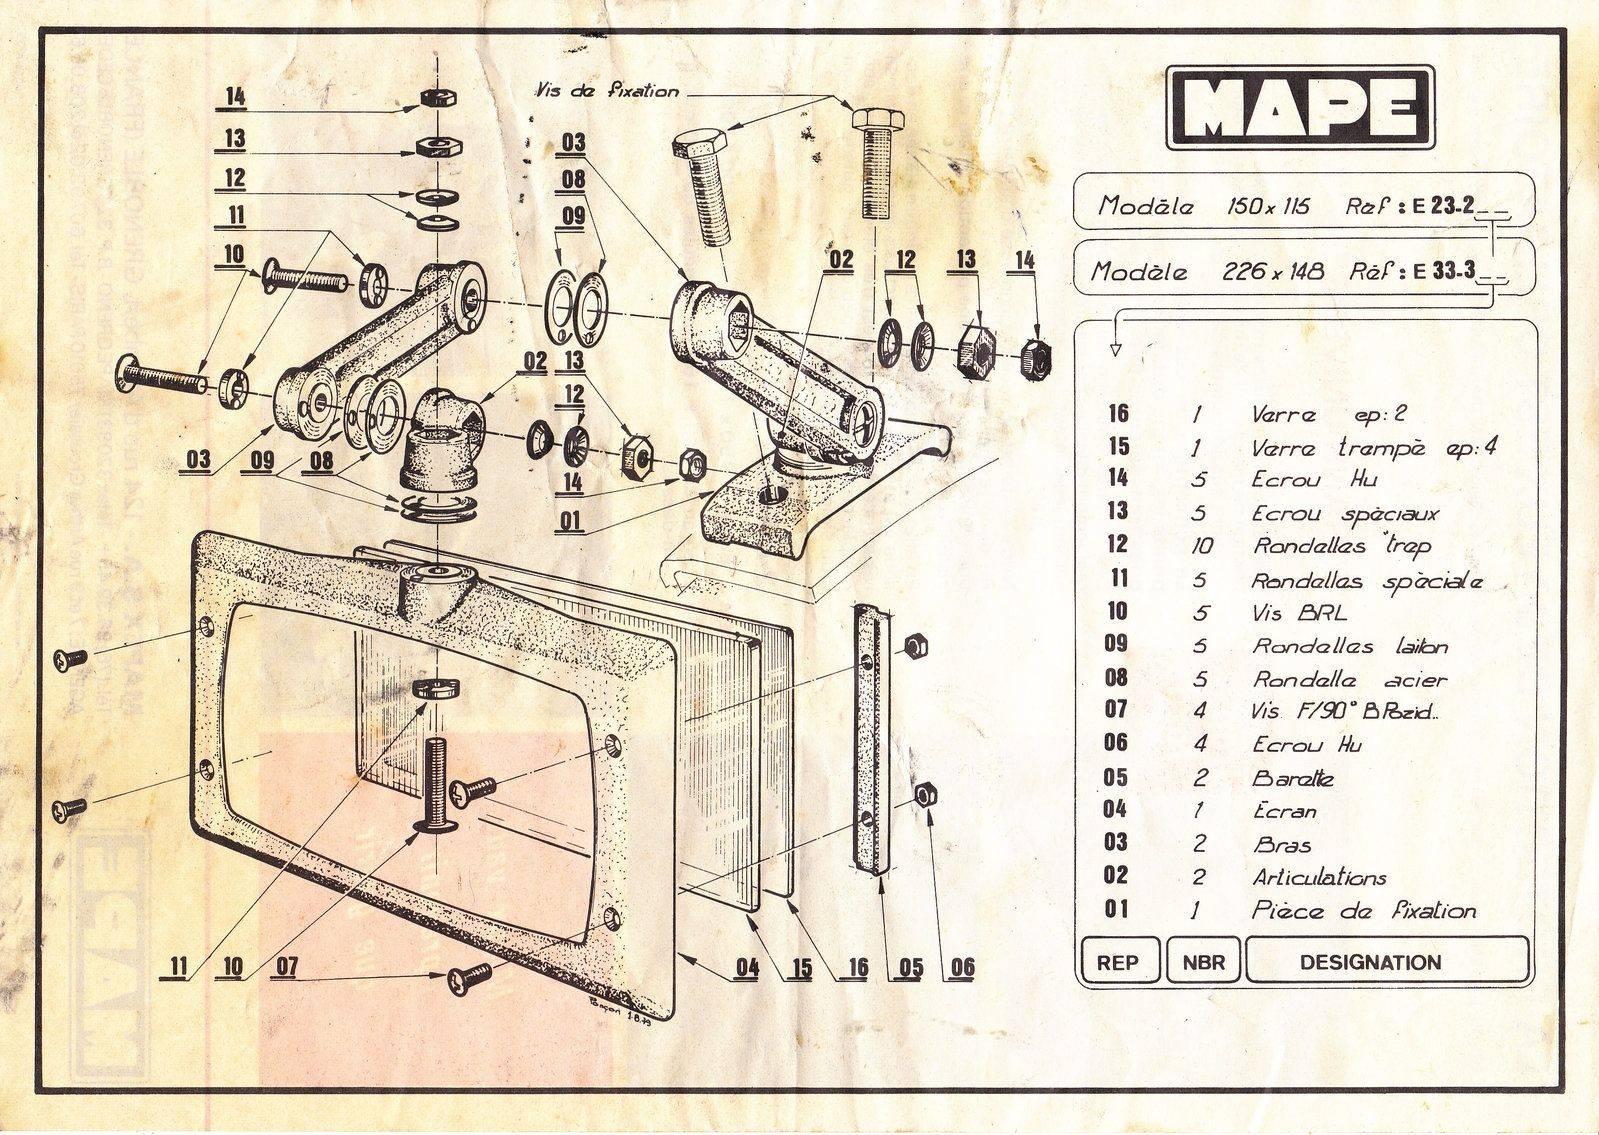 mape1.jpg